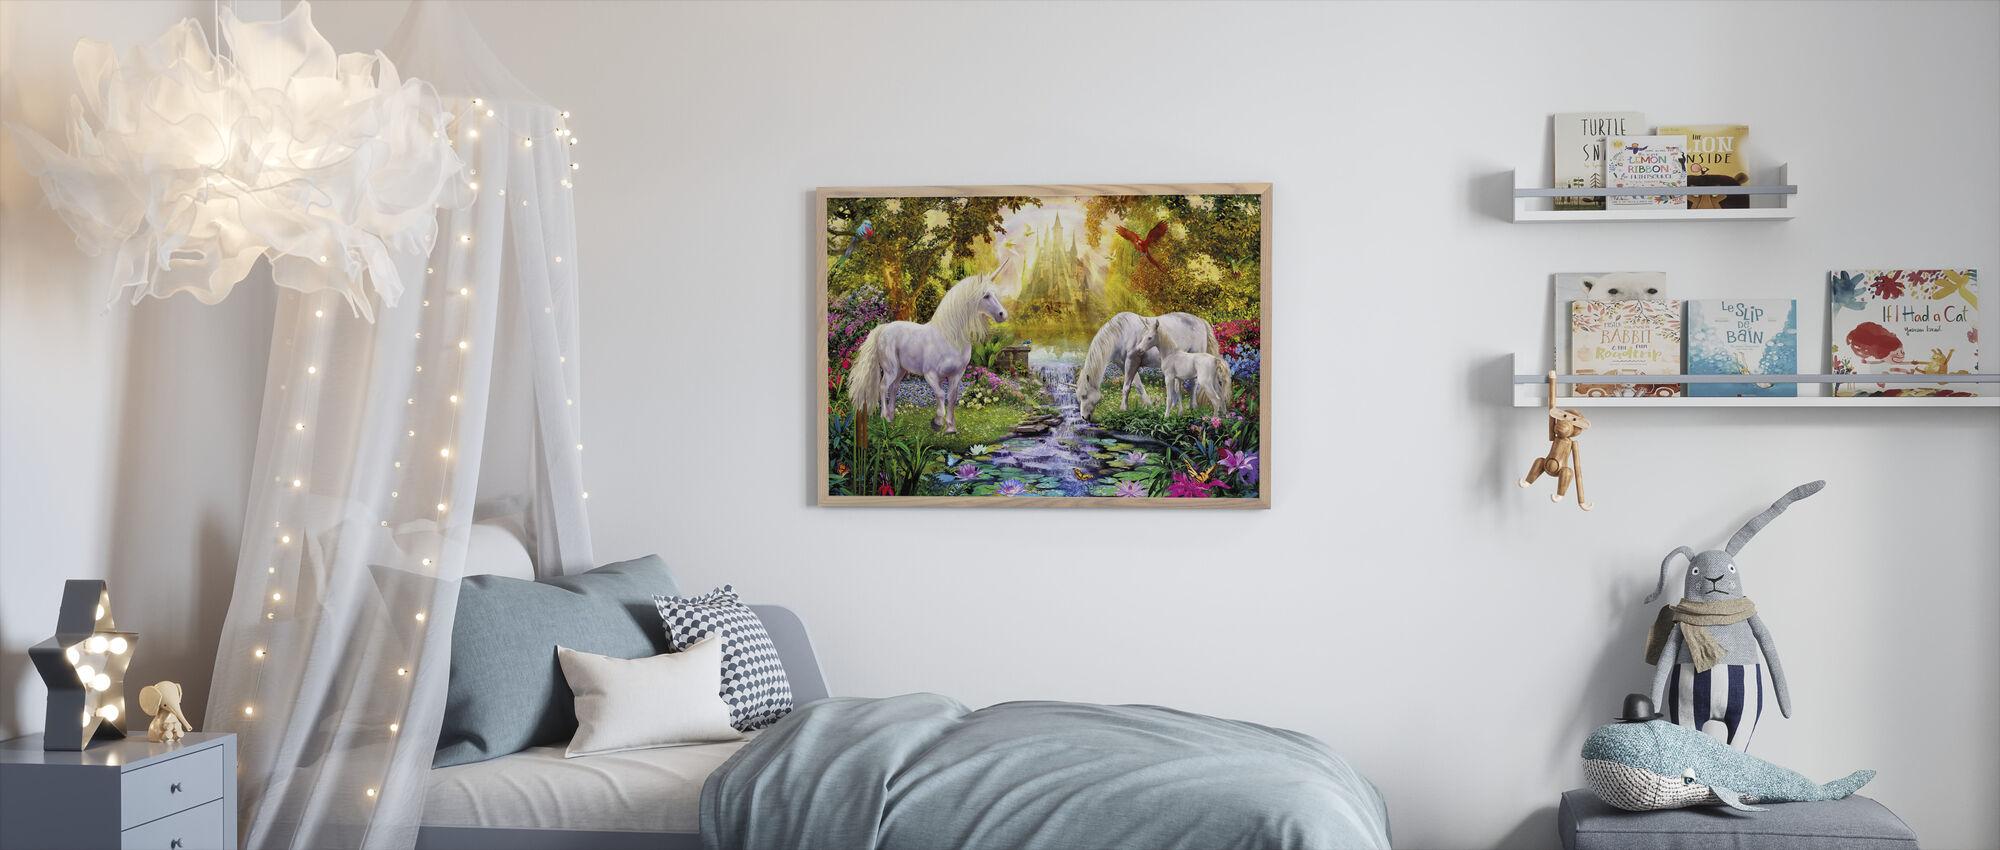 Slottet Enhjørning Have - Innrammet bilde - Barnerom